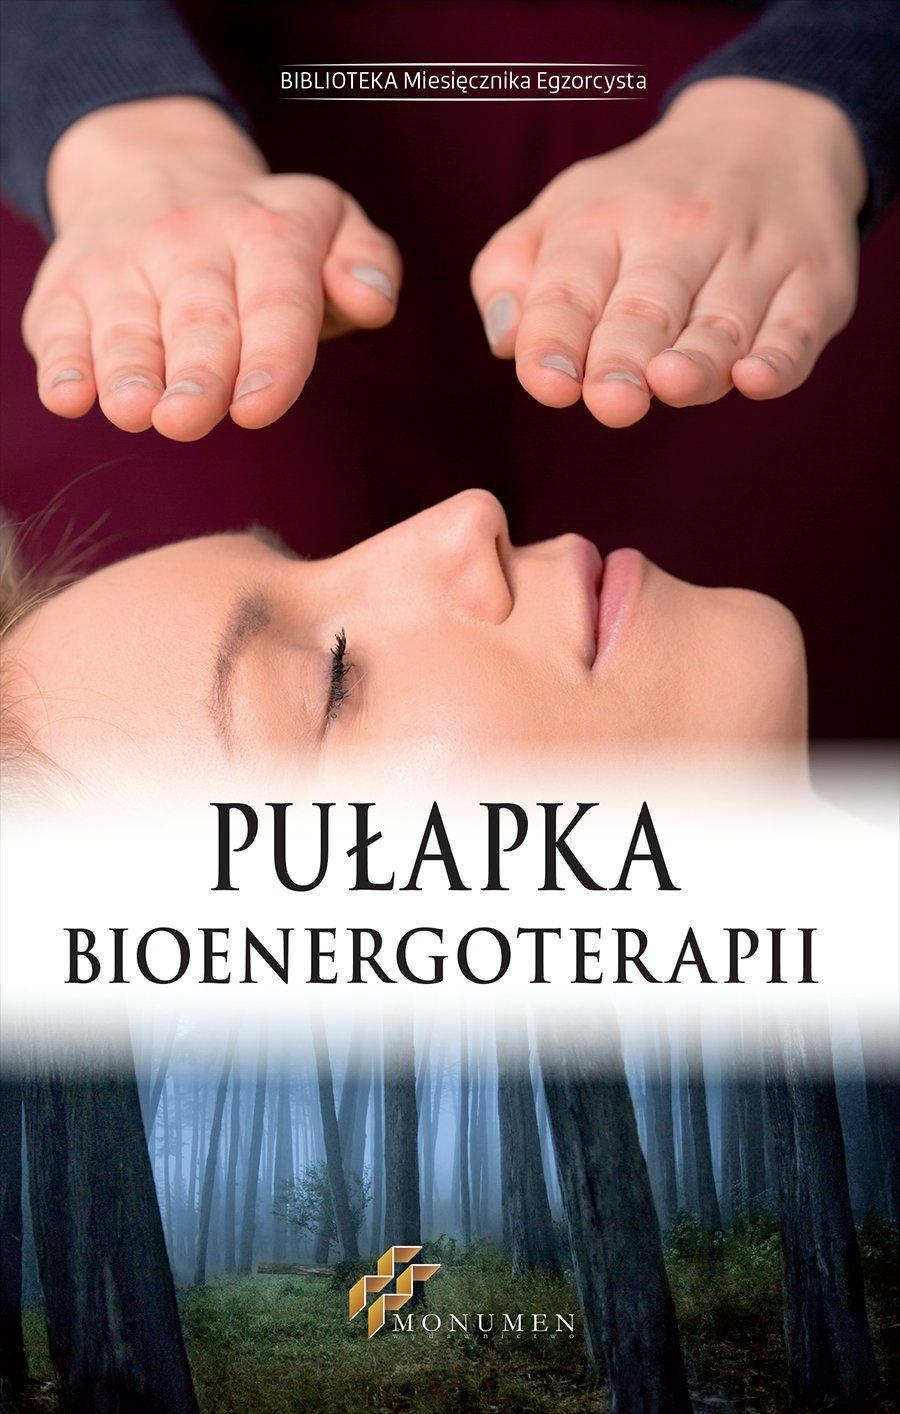 Pułapka Bioenergoterapii - Ebook (Książka EPUB) do pobrania w formacie EPUB